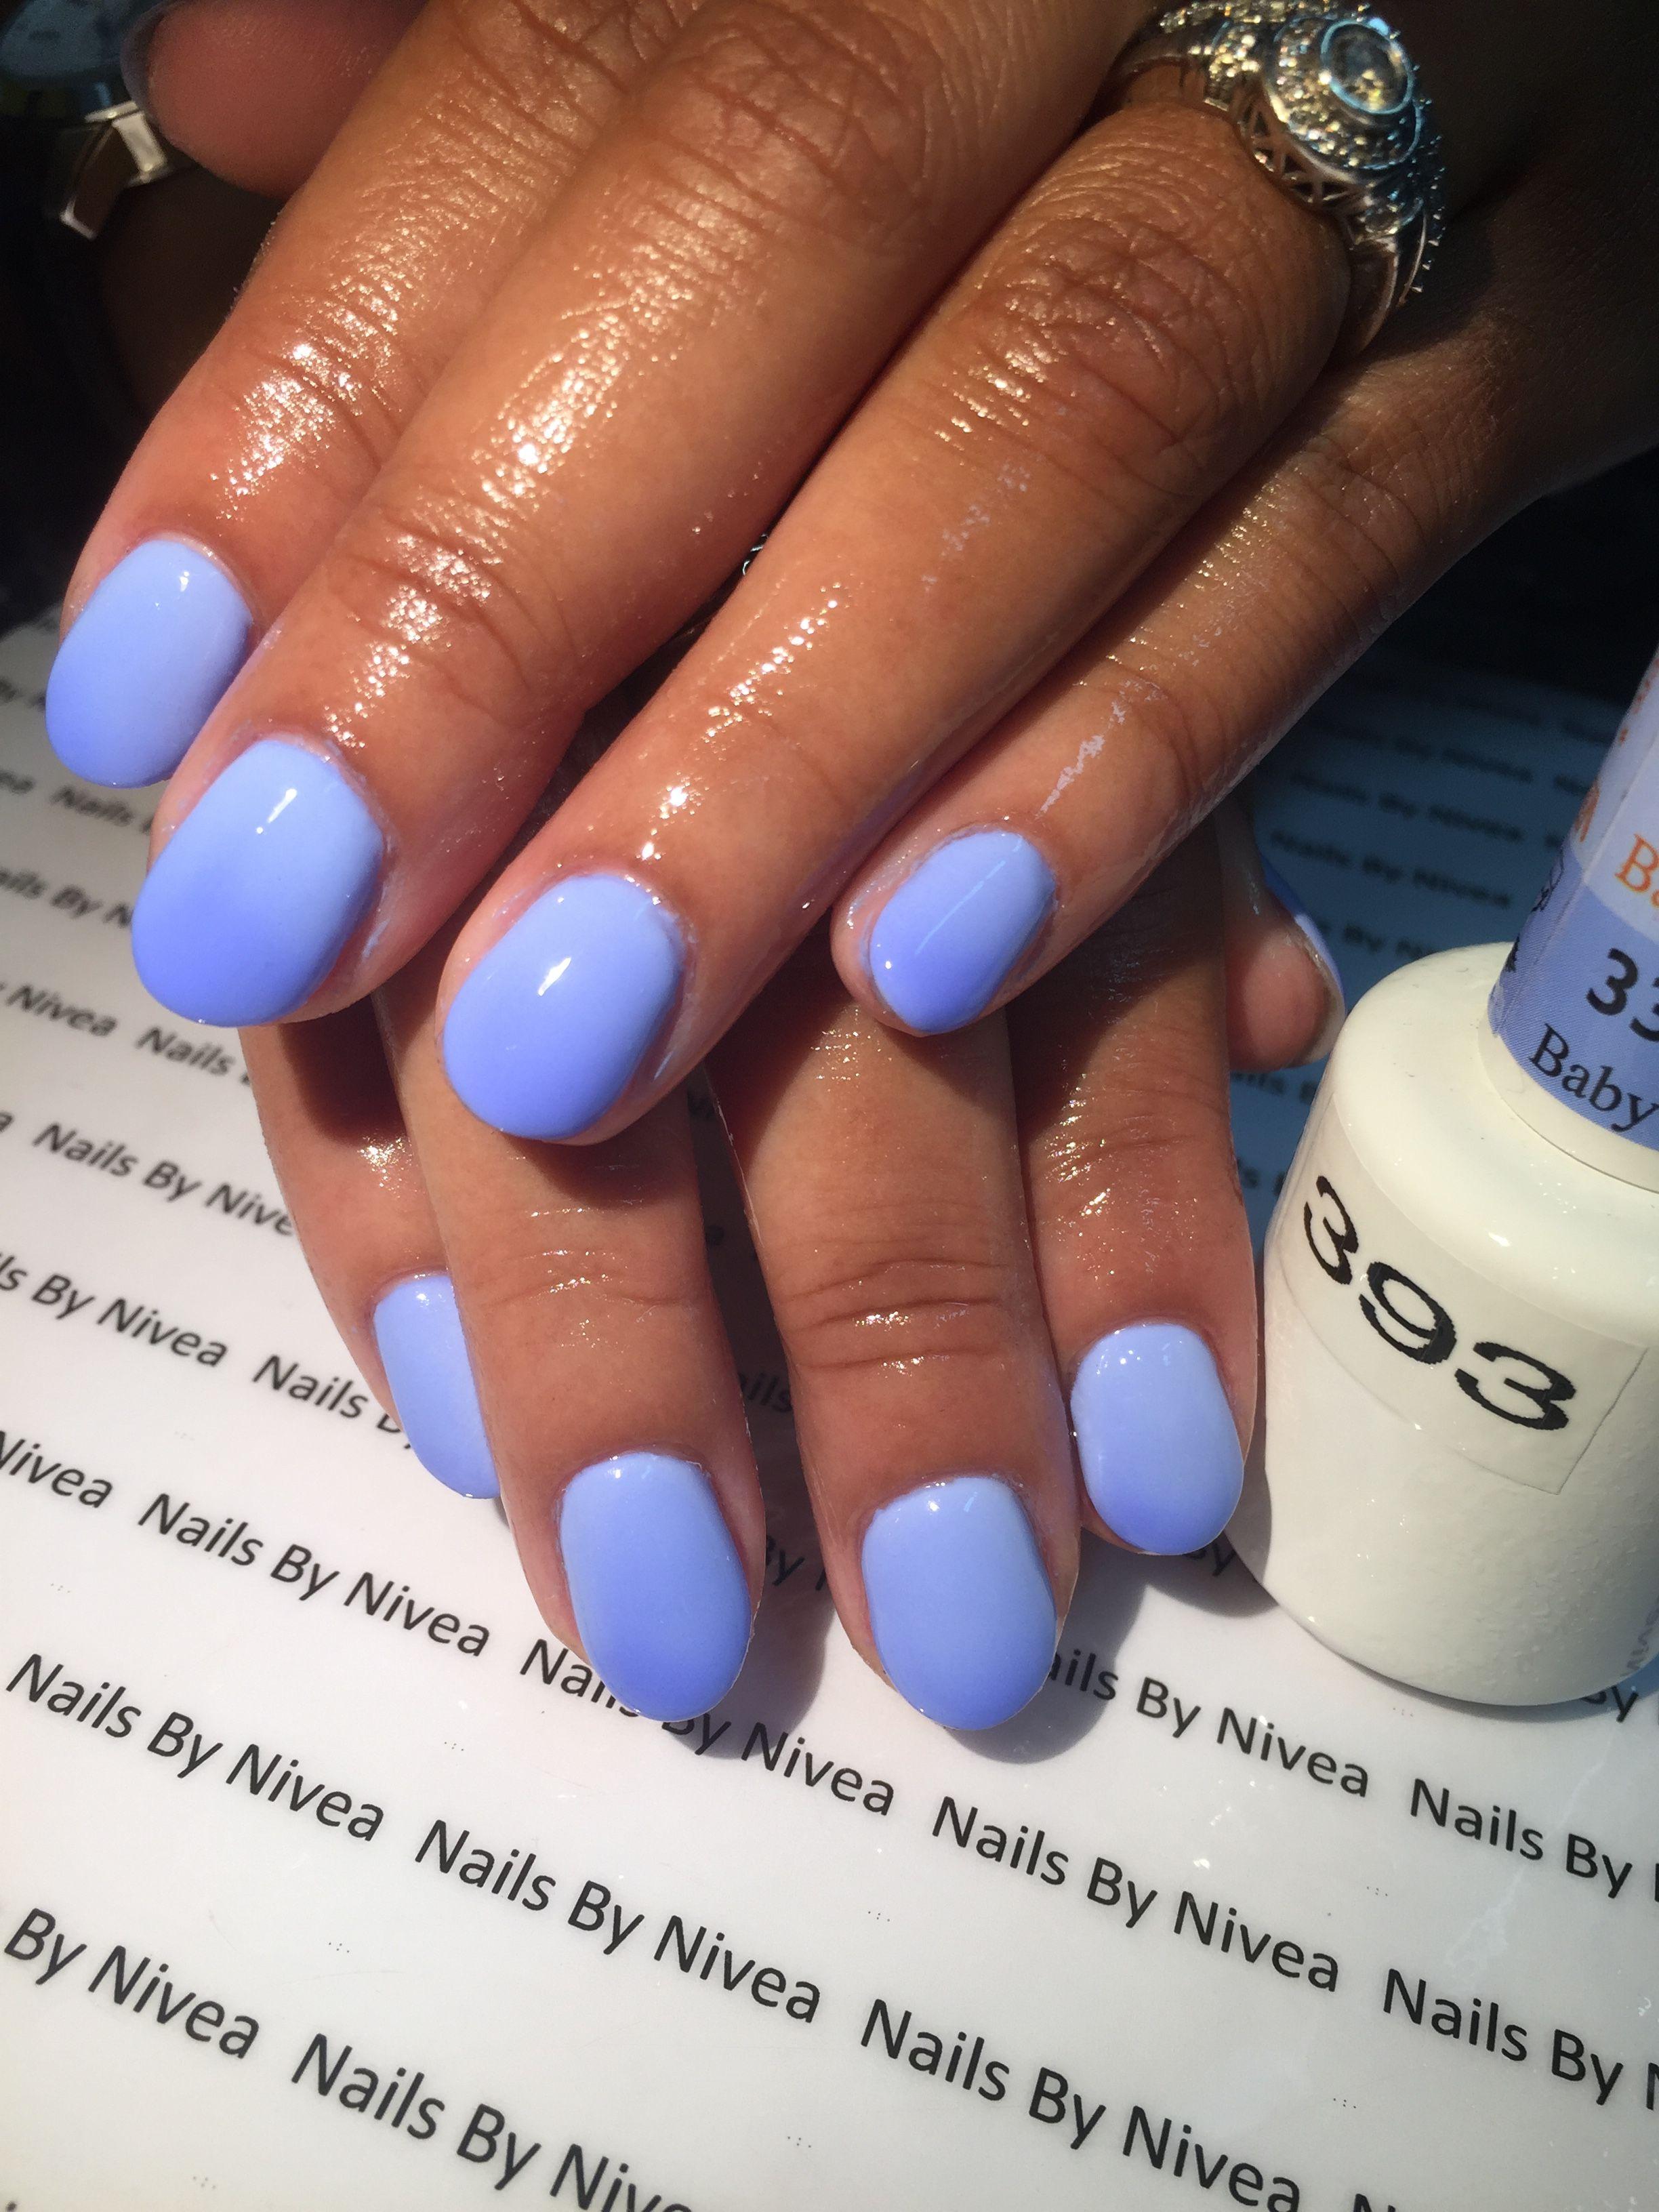 Gel polish nail designs by nailsbynivea mood changing | Nails ...